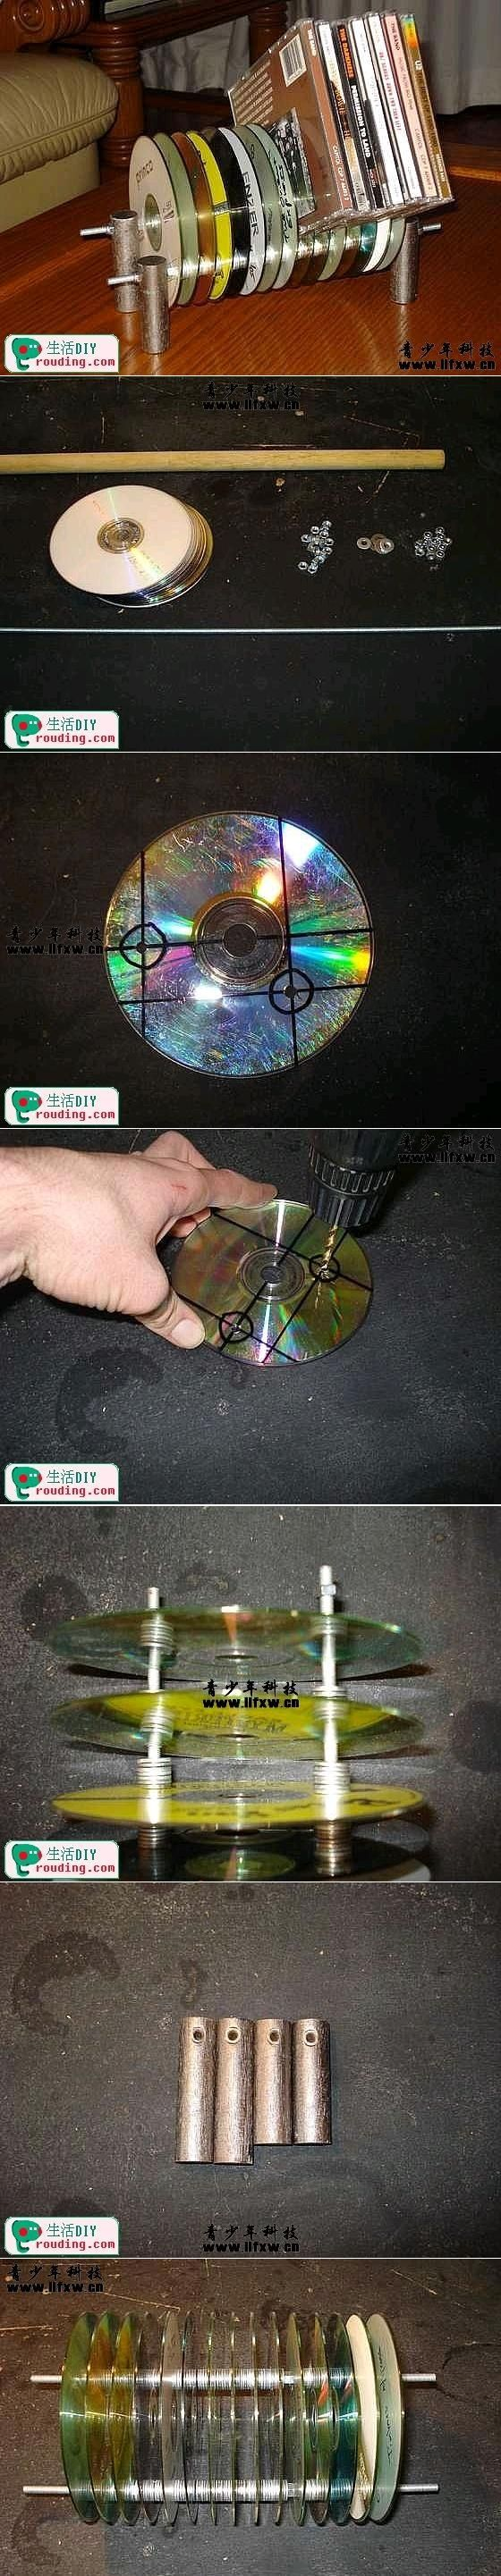 DIY CD Rack DIY CD Rack by diyforever